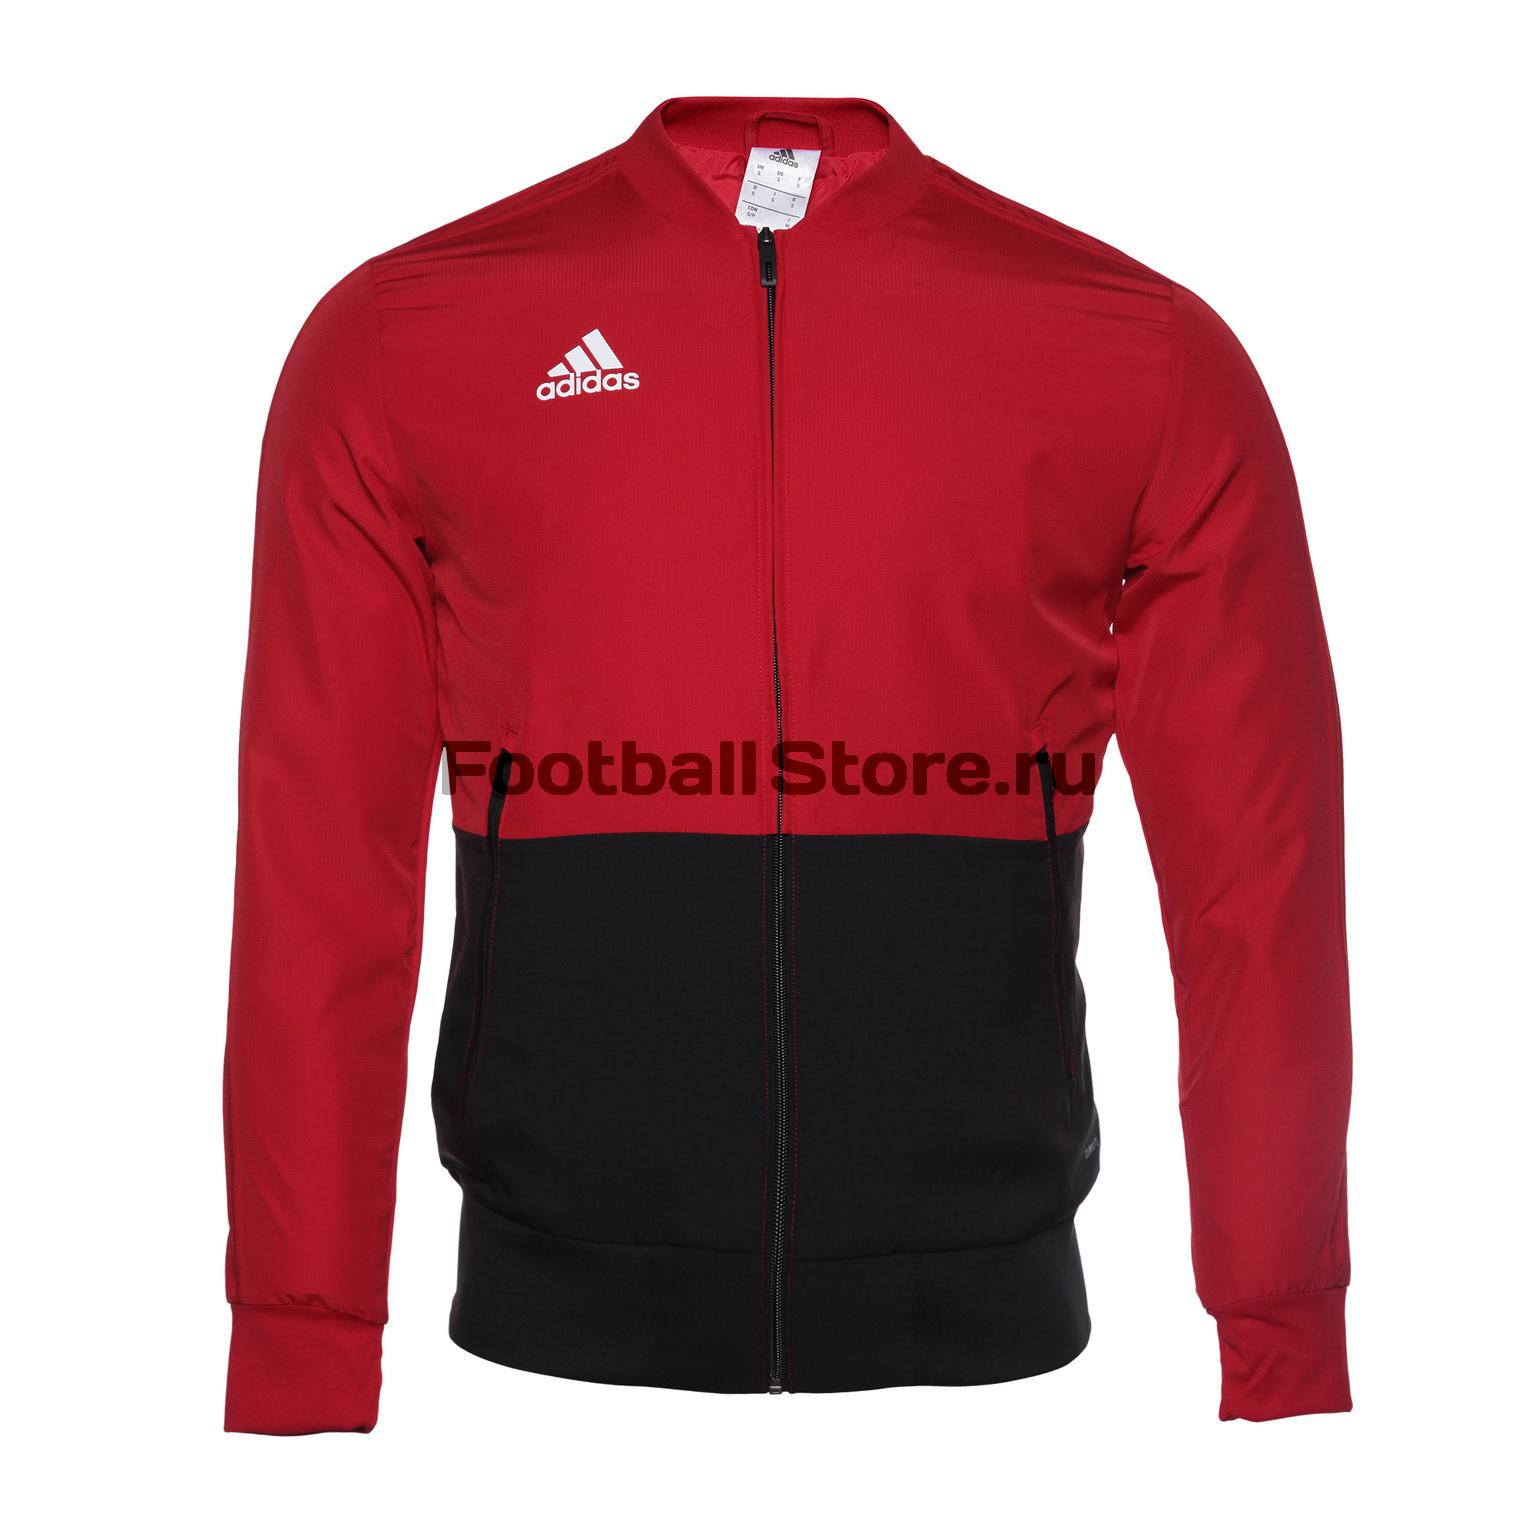 Олимпийка Adidas Con18 Pre Jkt CF4308 ветровка мужская adidas con18 rain jkt цвет черный bq6528 размер l 52 54